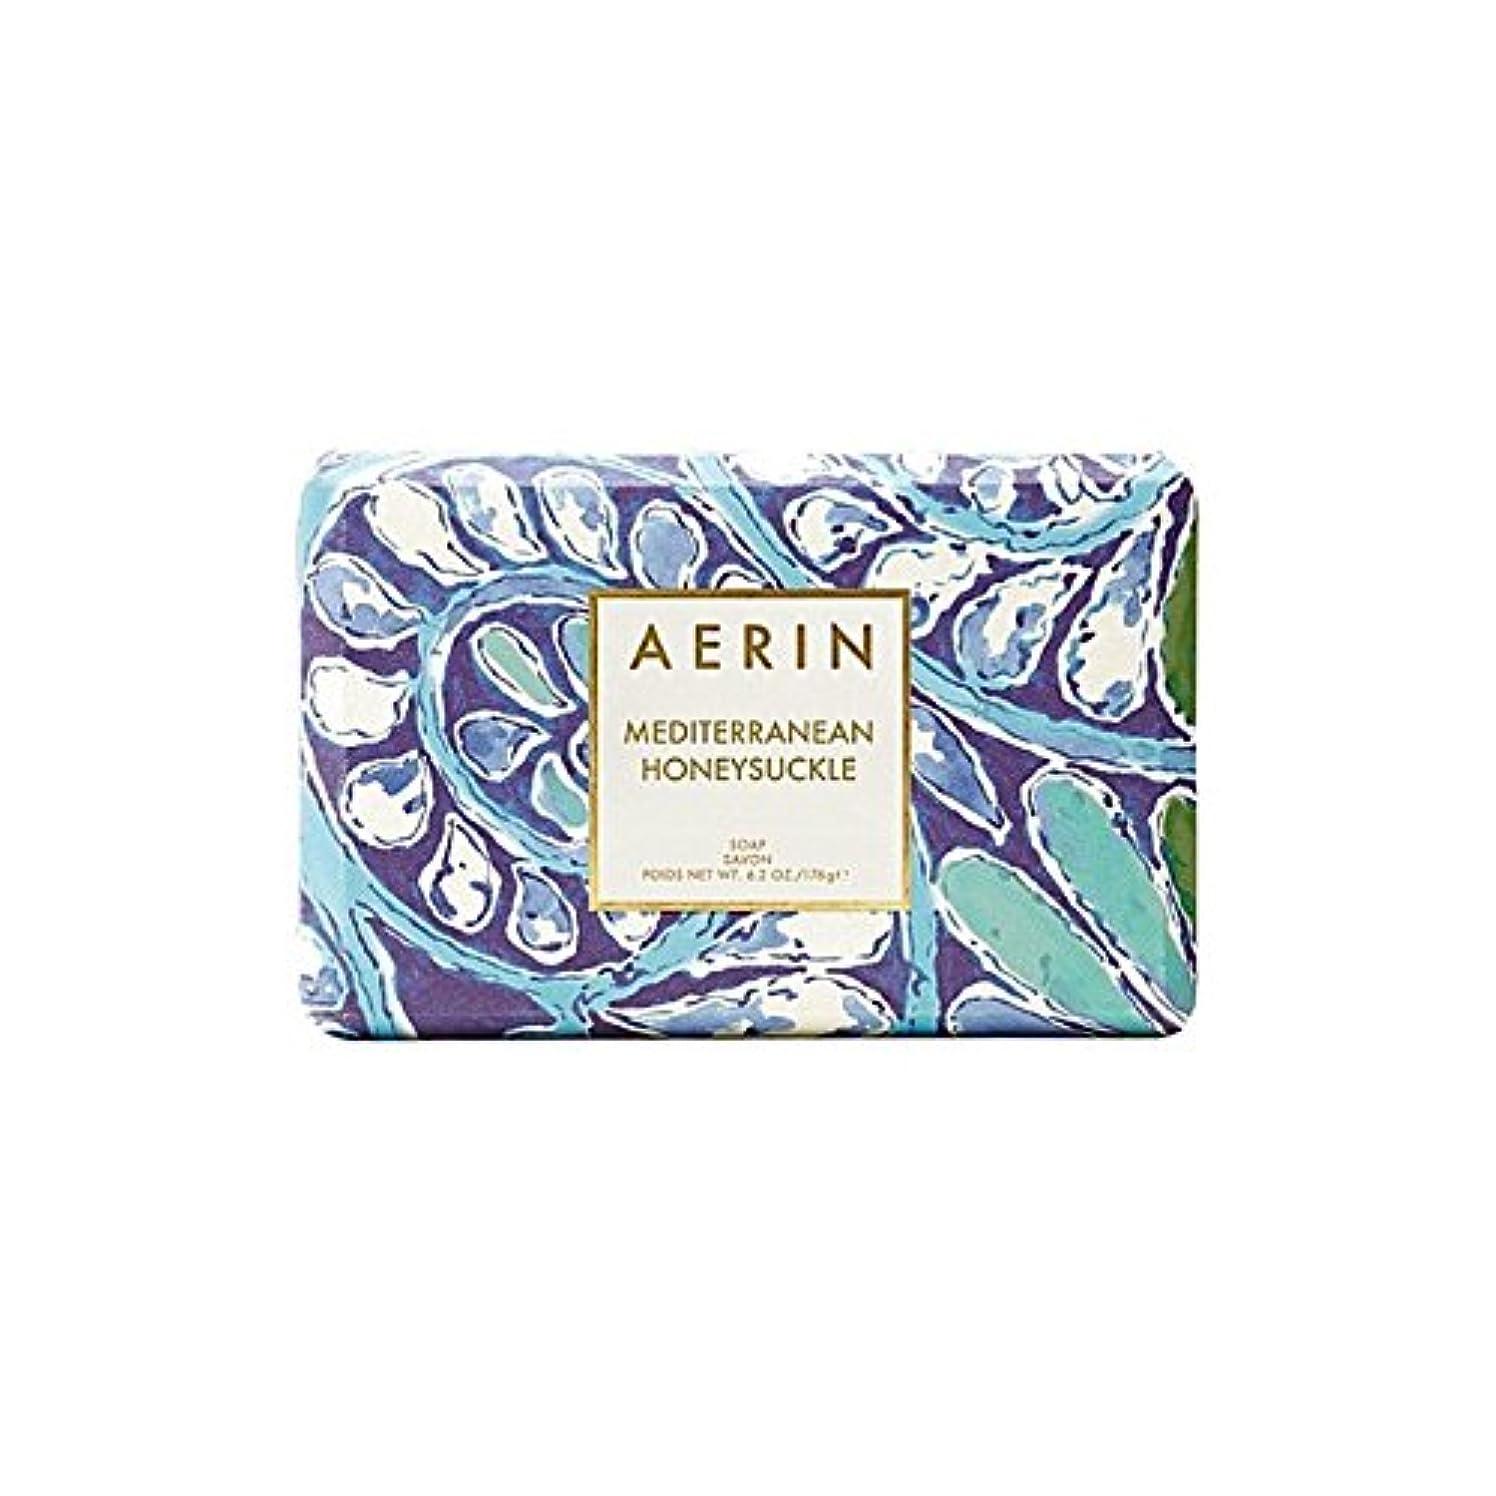 マーティンルーサーキングジュニア商業のジョグスイカズラ固形石鹸176グラム x2 - Aerin Mediterrenean Honeysuckle Bar Soap 176G (Pack of 2) [並行輸入品]